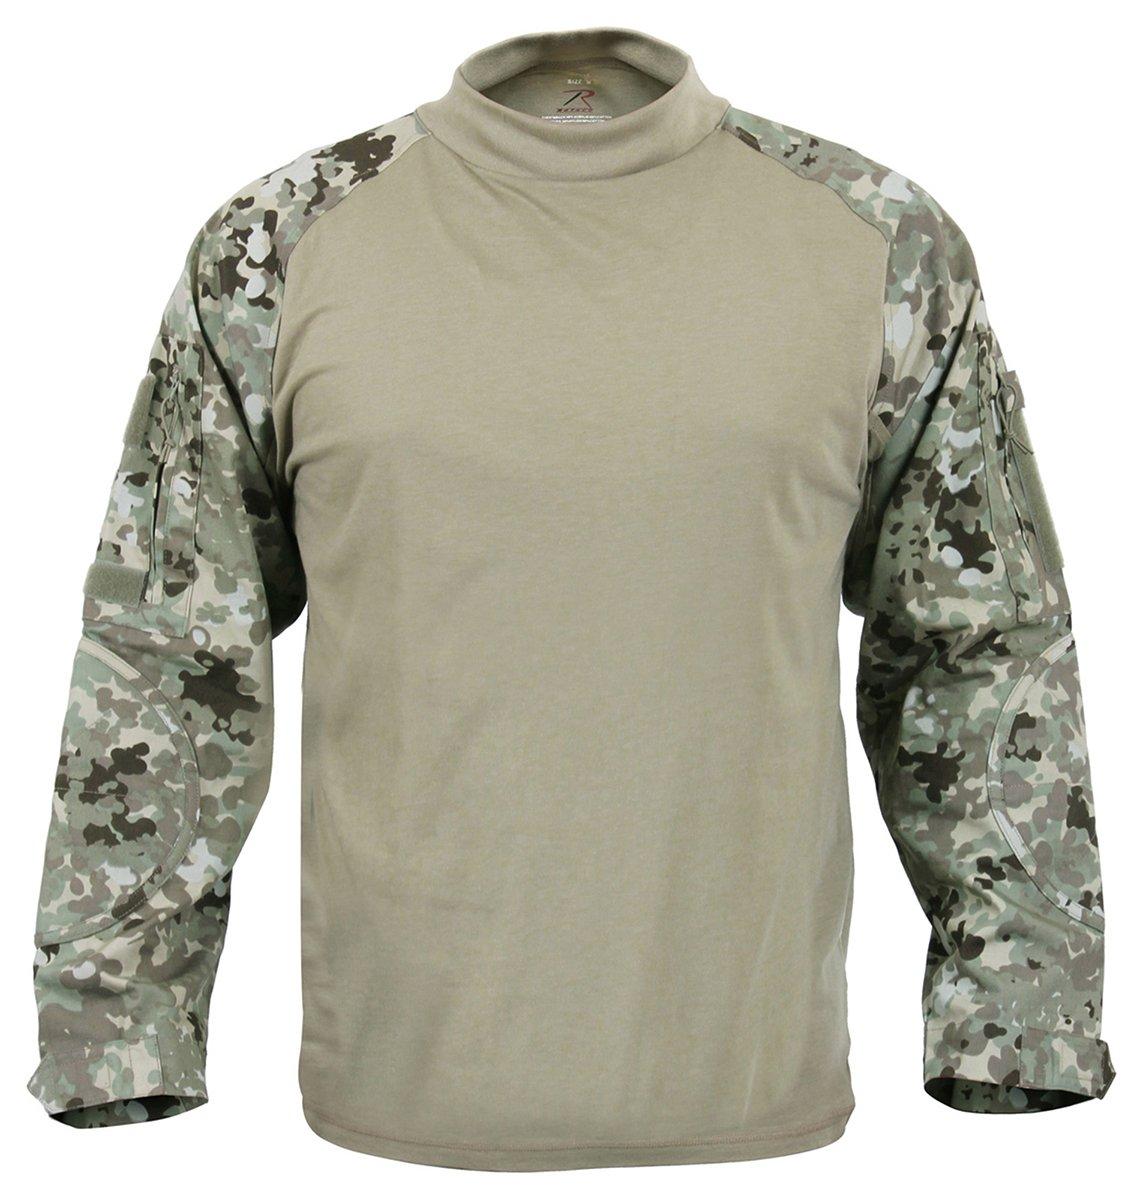 ロスコ ミリタリー コンバットシャツ ブラック ROTHCO MILITARY COMBAT SHIRT - BLACK 90010 B0143JV912 X-Small|Total Terrain Camo Total Terrain Camo X-Small